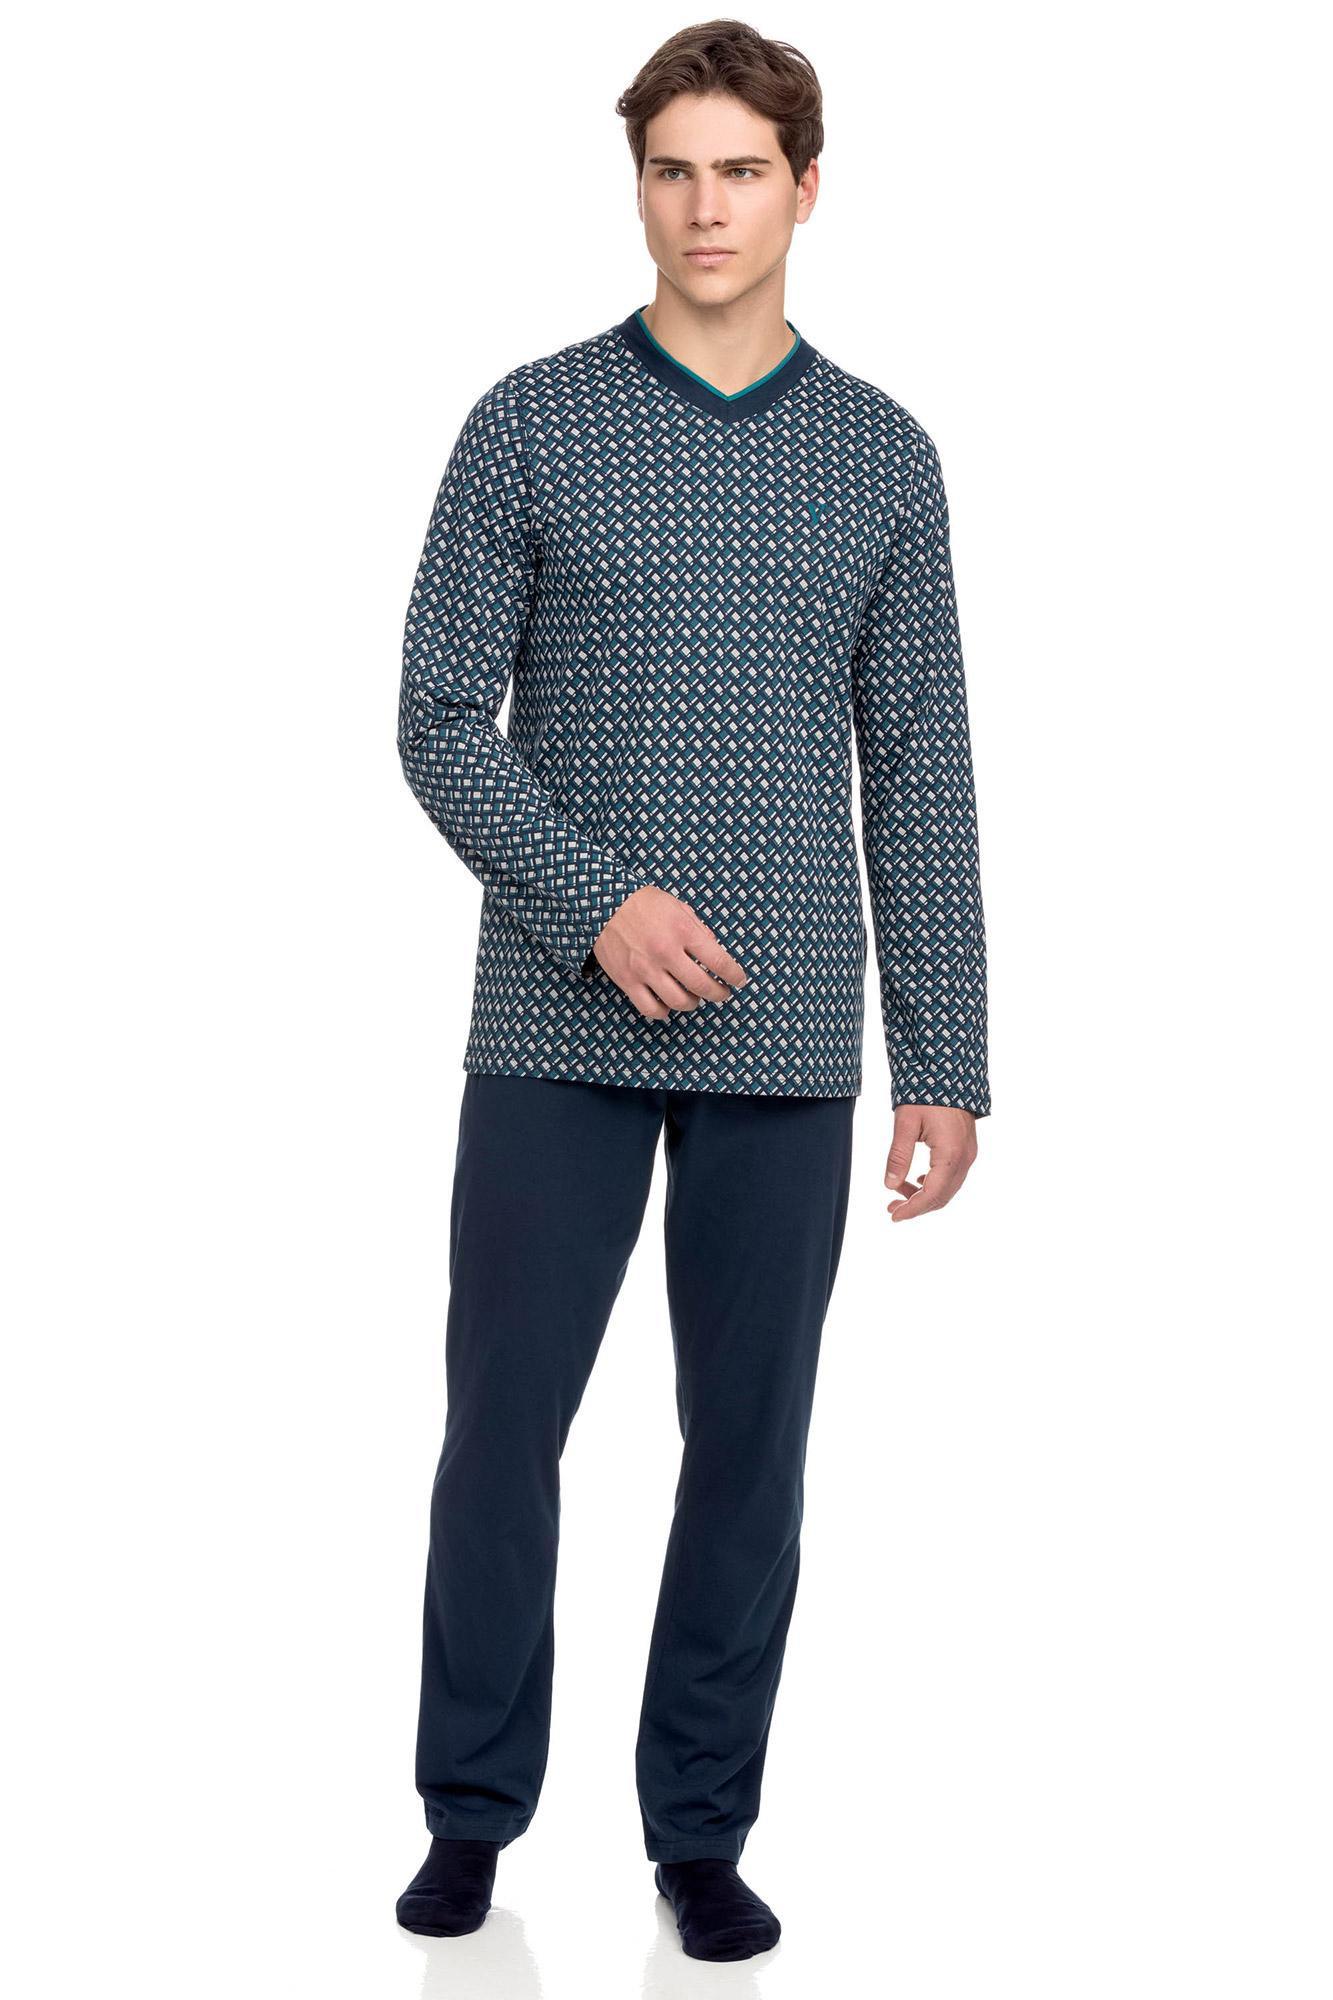 Vamp - Bavlnené pánske pyžamo 15632 - Vamp blue oxford m